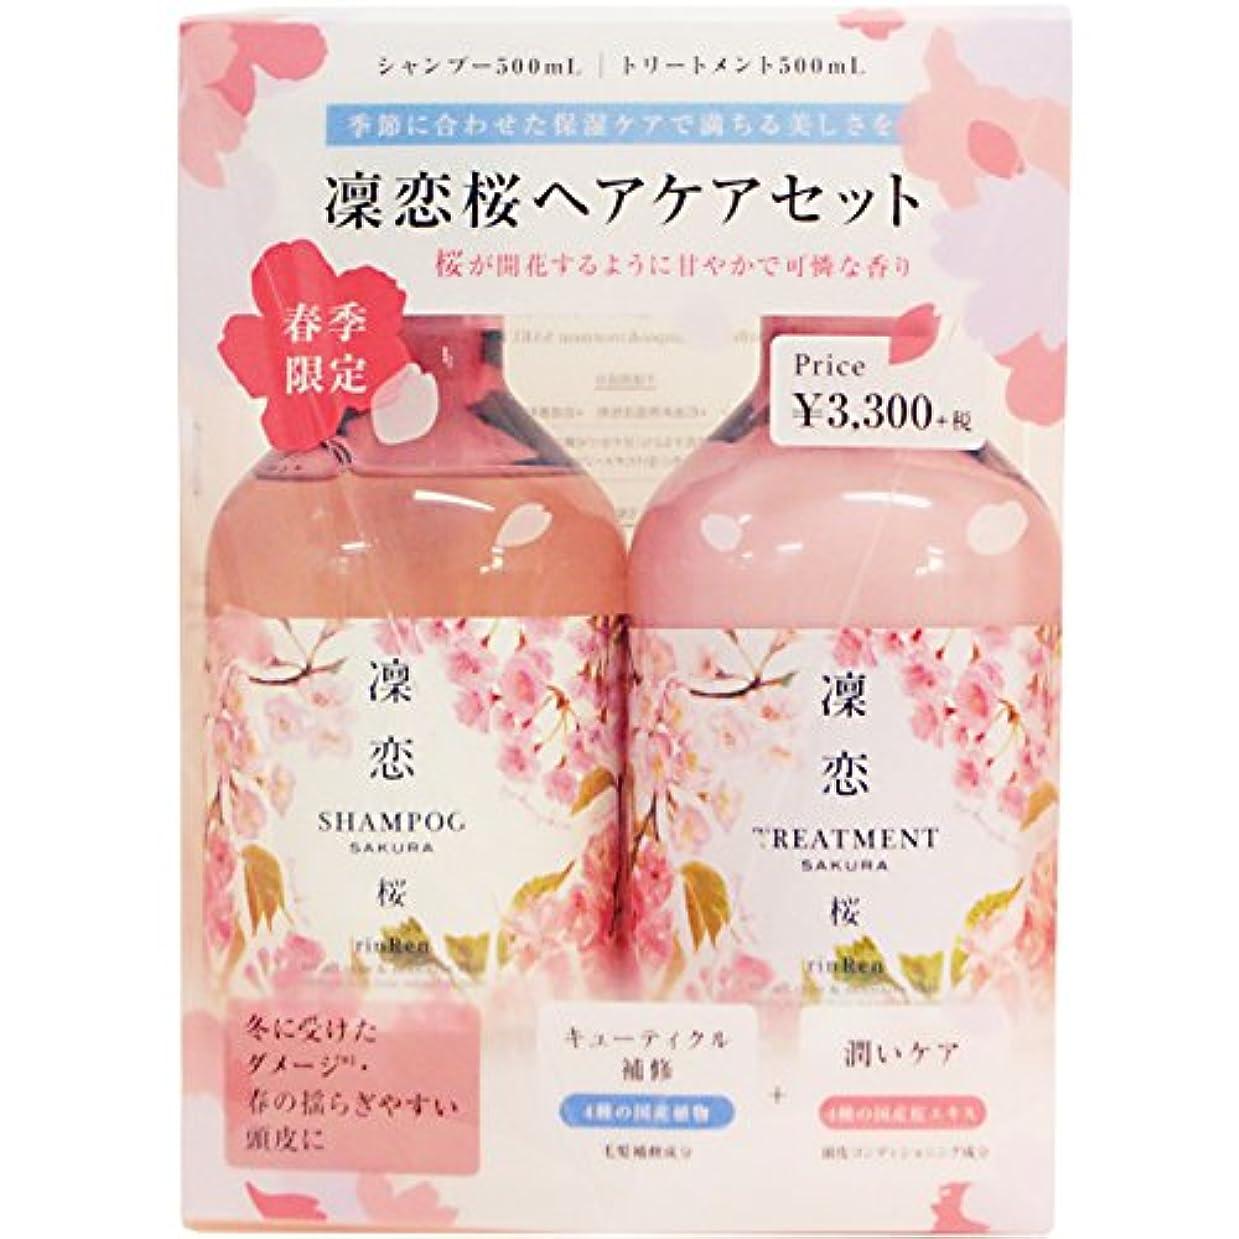 秘書リゾート動的凜恋 レメディアル シャンプー&トリートメント サクラ 企画品 500ml×2